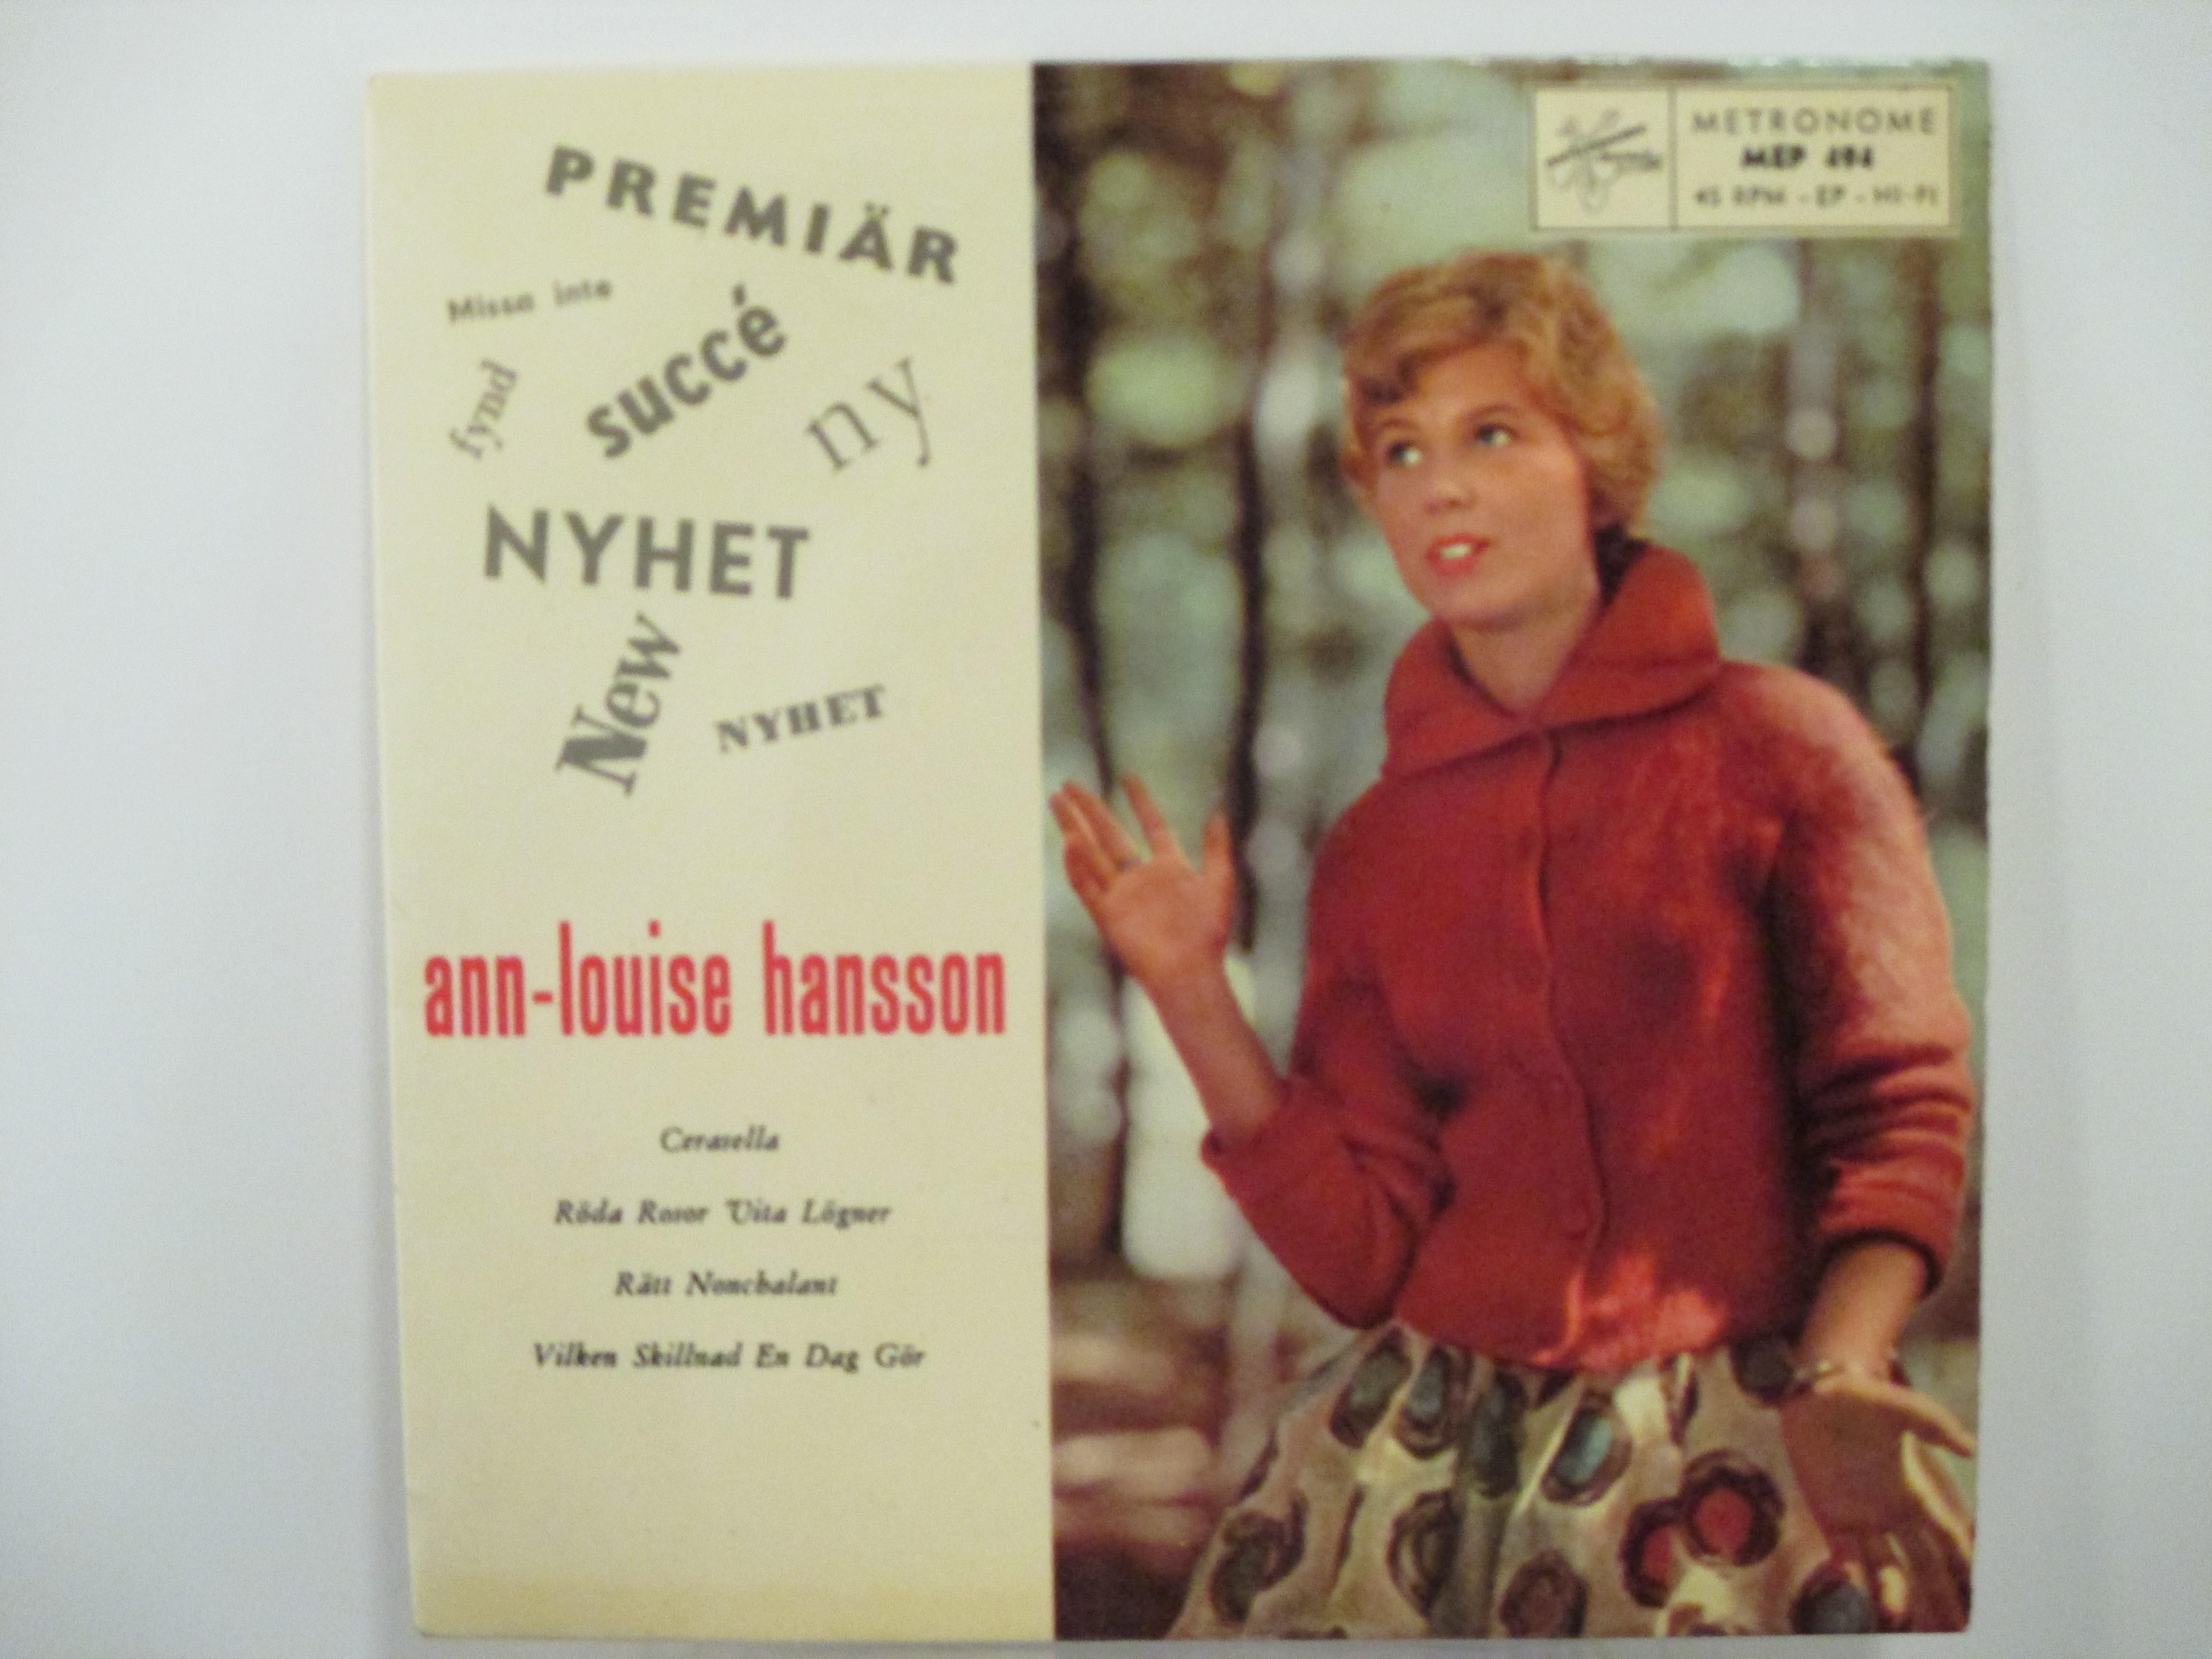 ANN-LOUISE HANSON : (EP) Cerasella / Röda rosor vita lögner / Rätt nonchalant / Vilken skillnad en dag gör